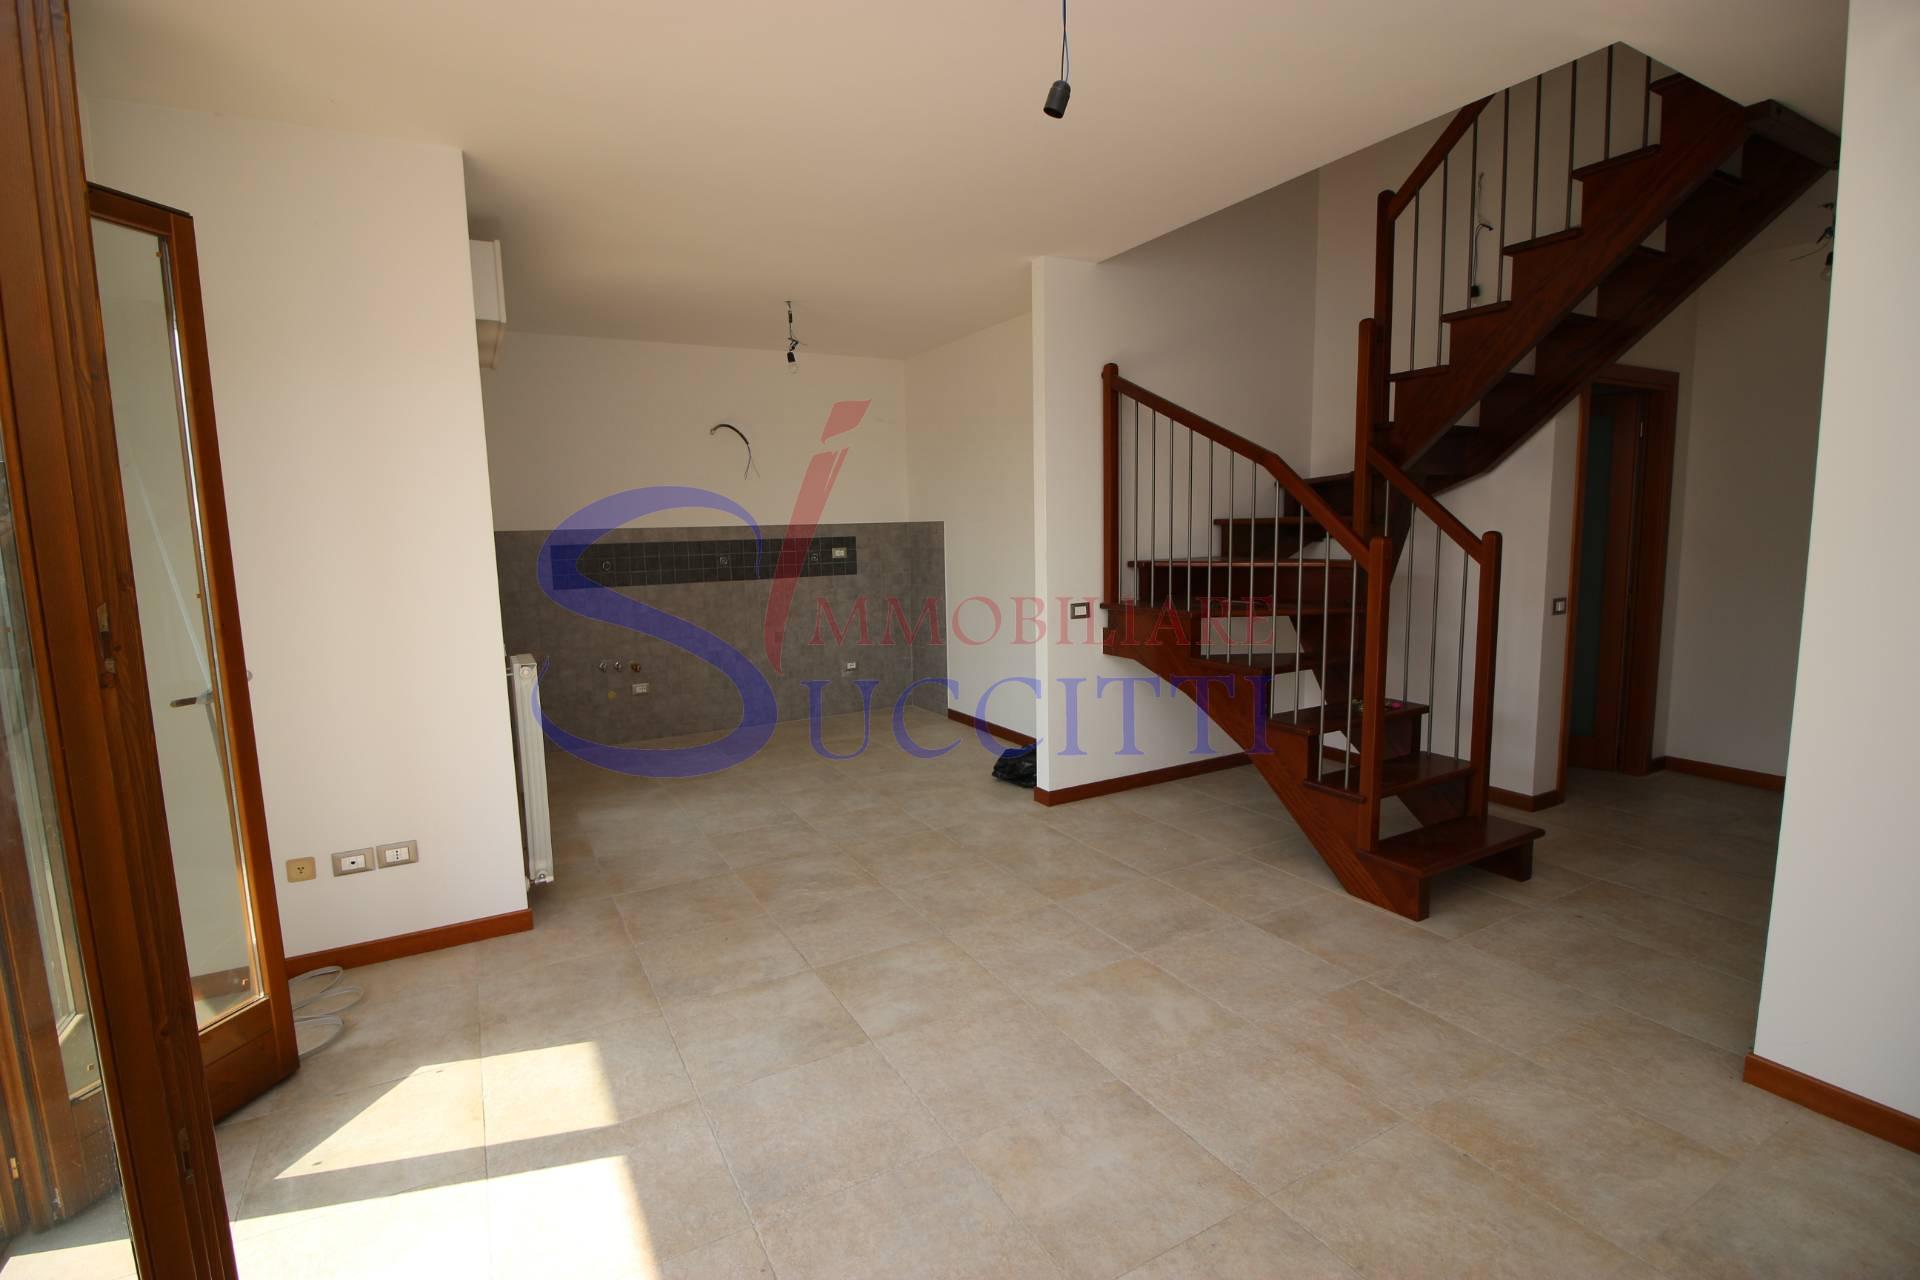 Appartamento in vendita a Tortoreto, 3 locali, zona Località: TortoretoAlta, prezzo € 155.000   PortaleAgenzieImmobiliari.it